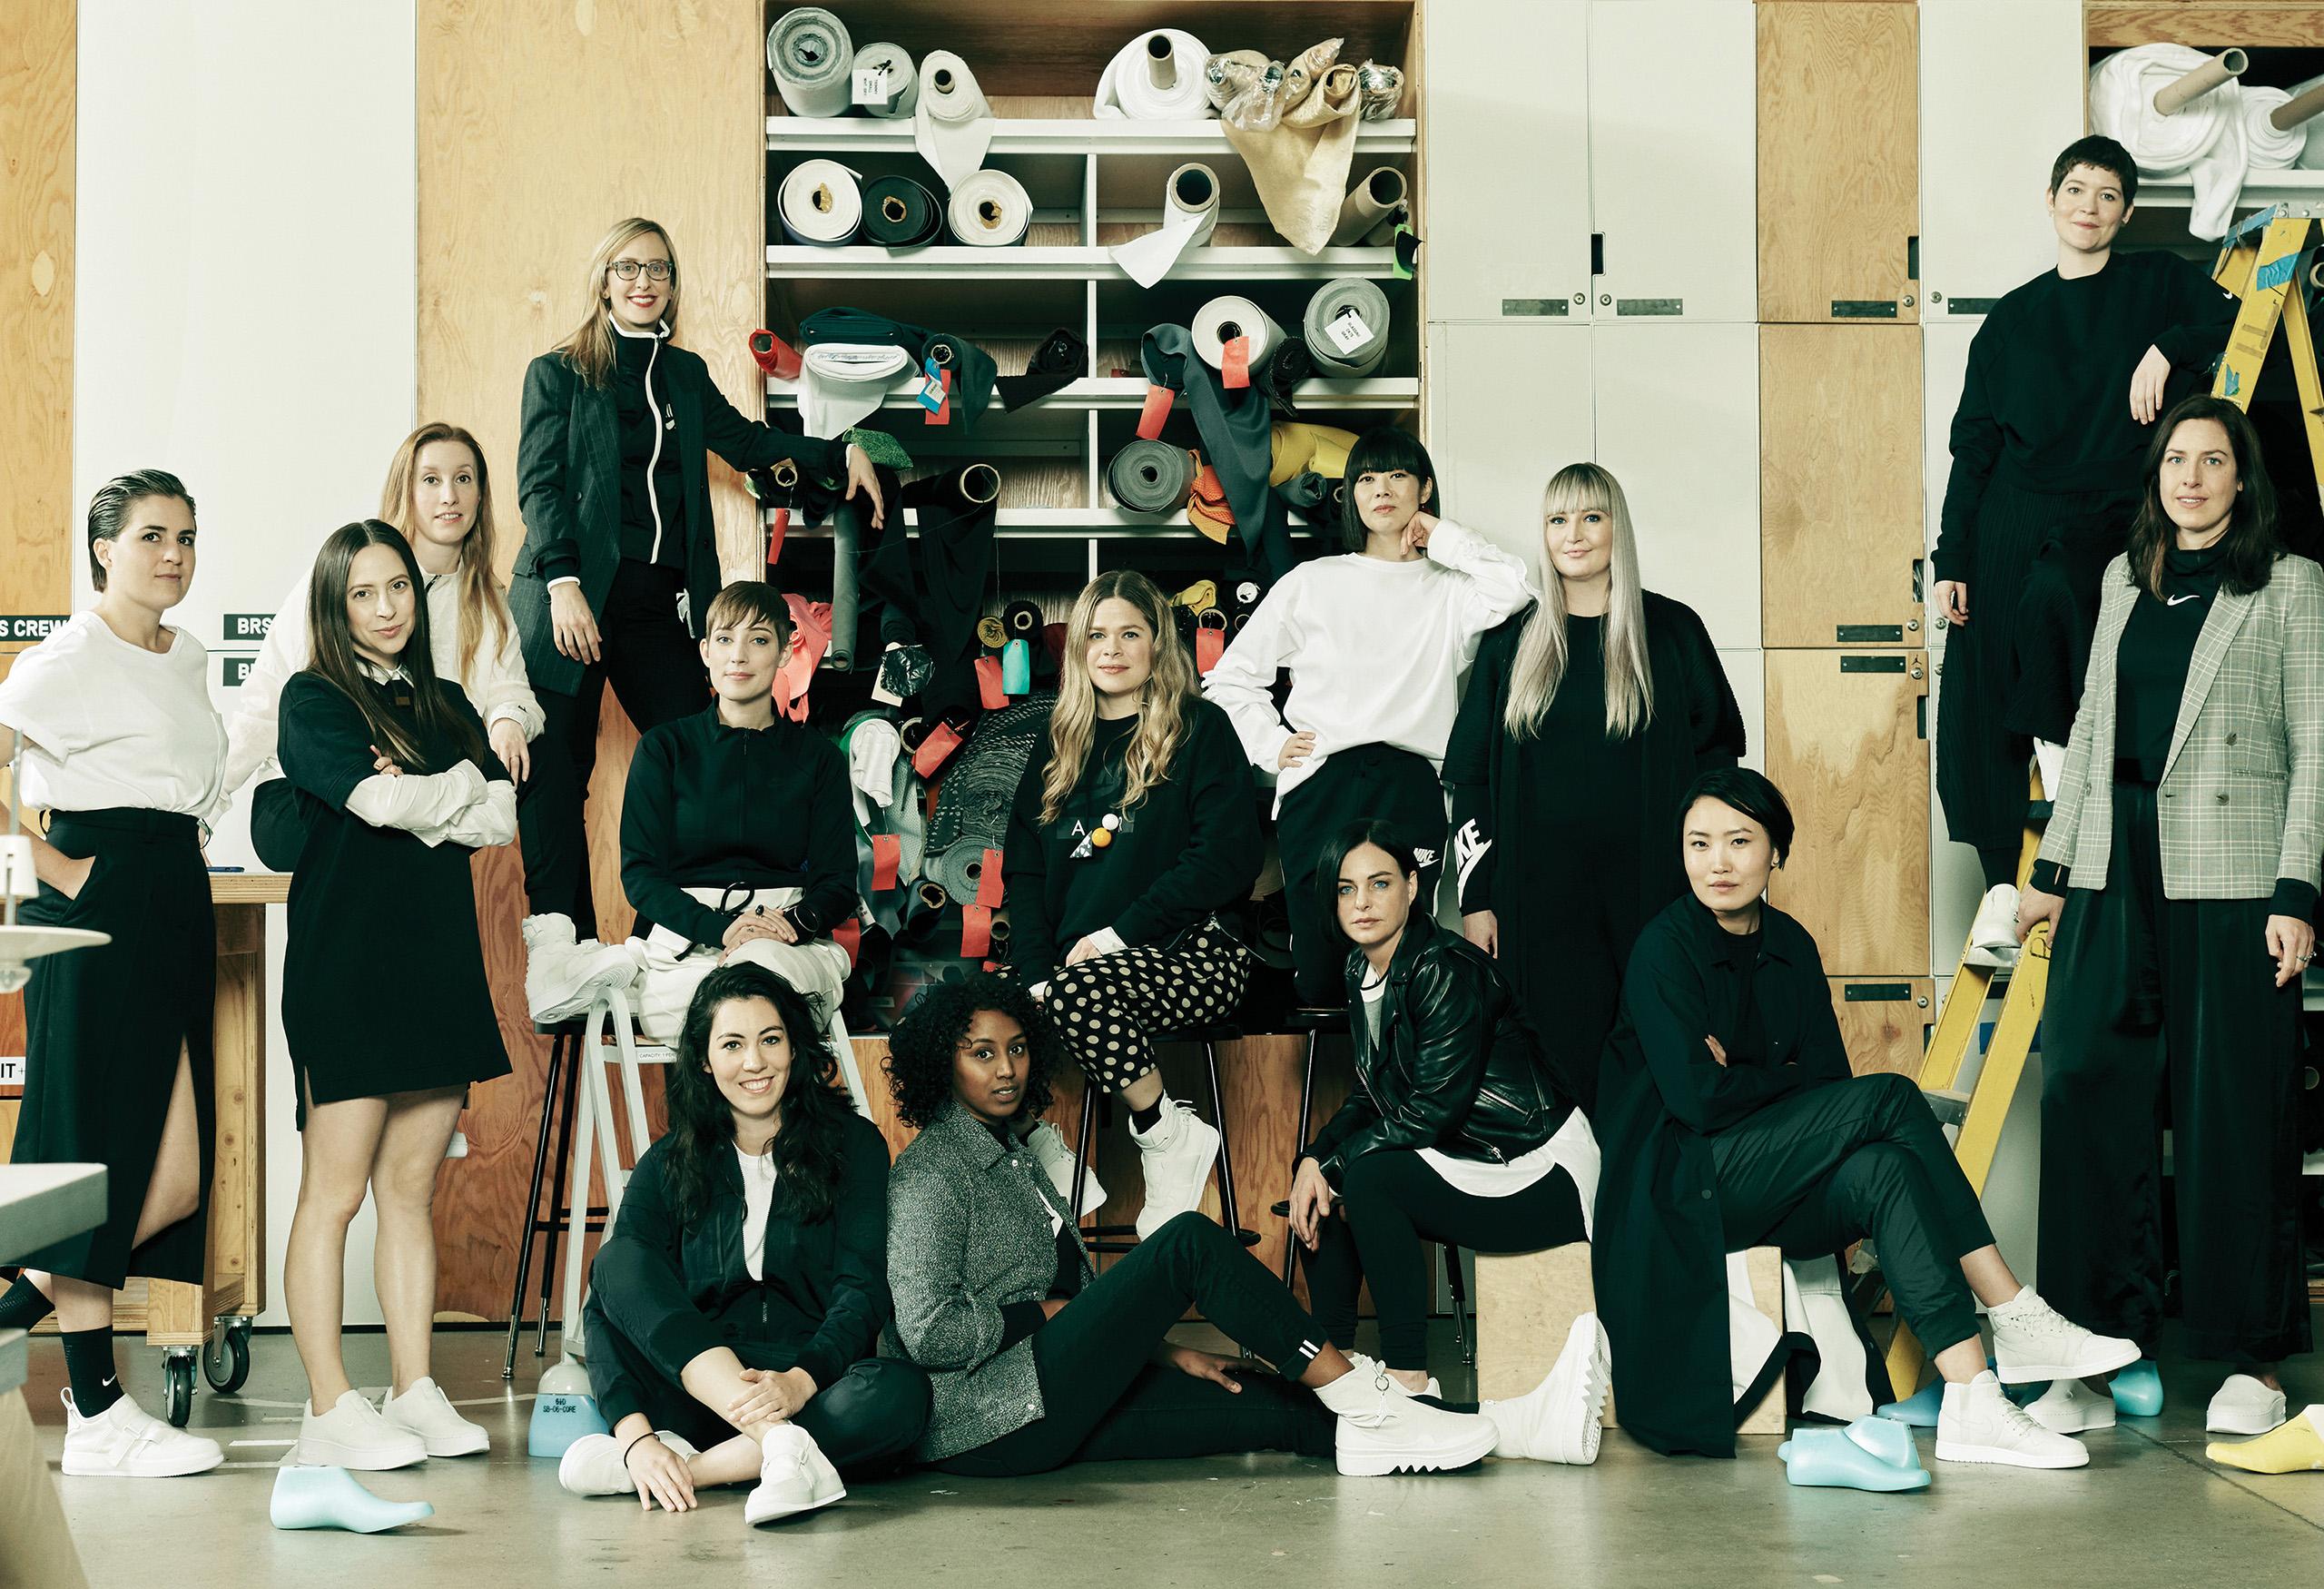 企划背后的14位女性代表著nike千人设计师团队所具备的独特创作能力.图片